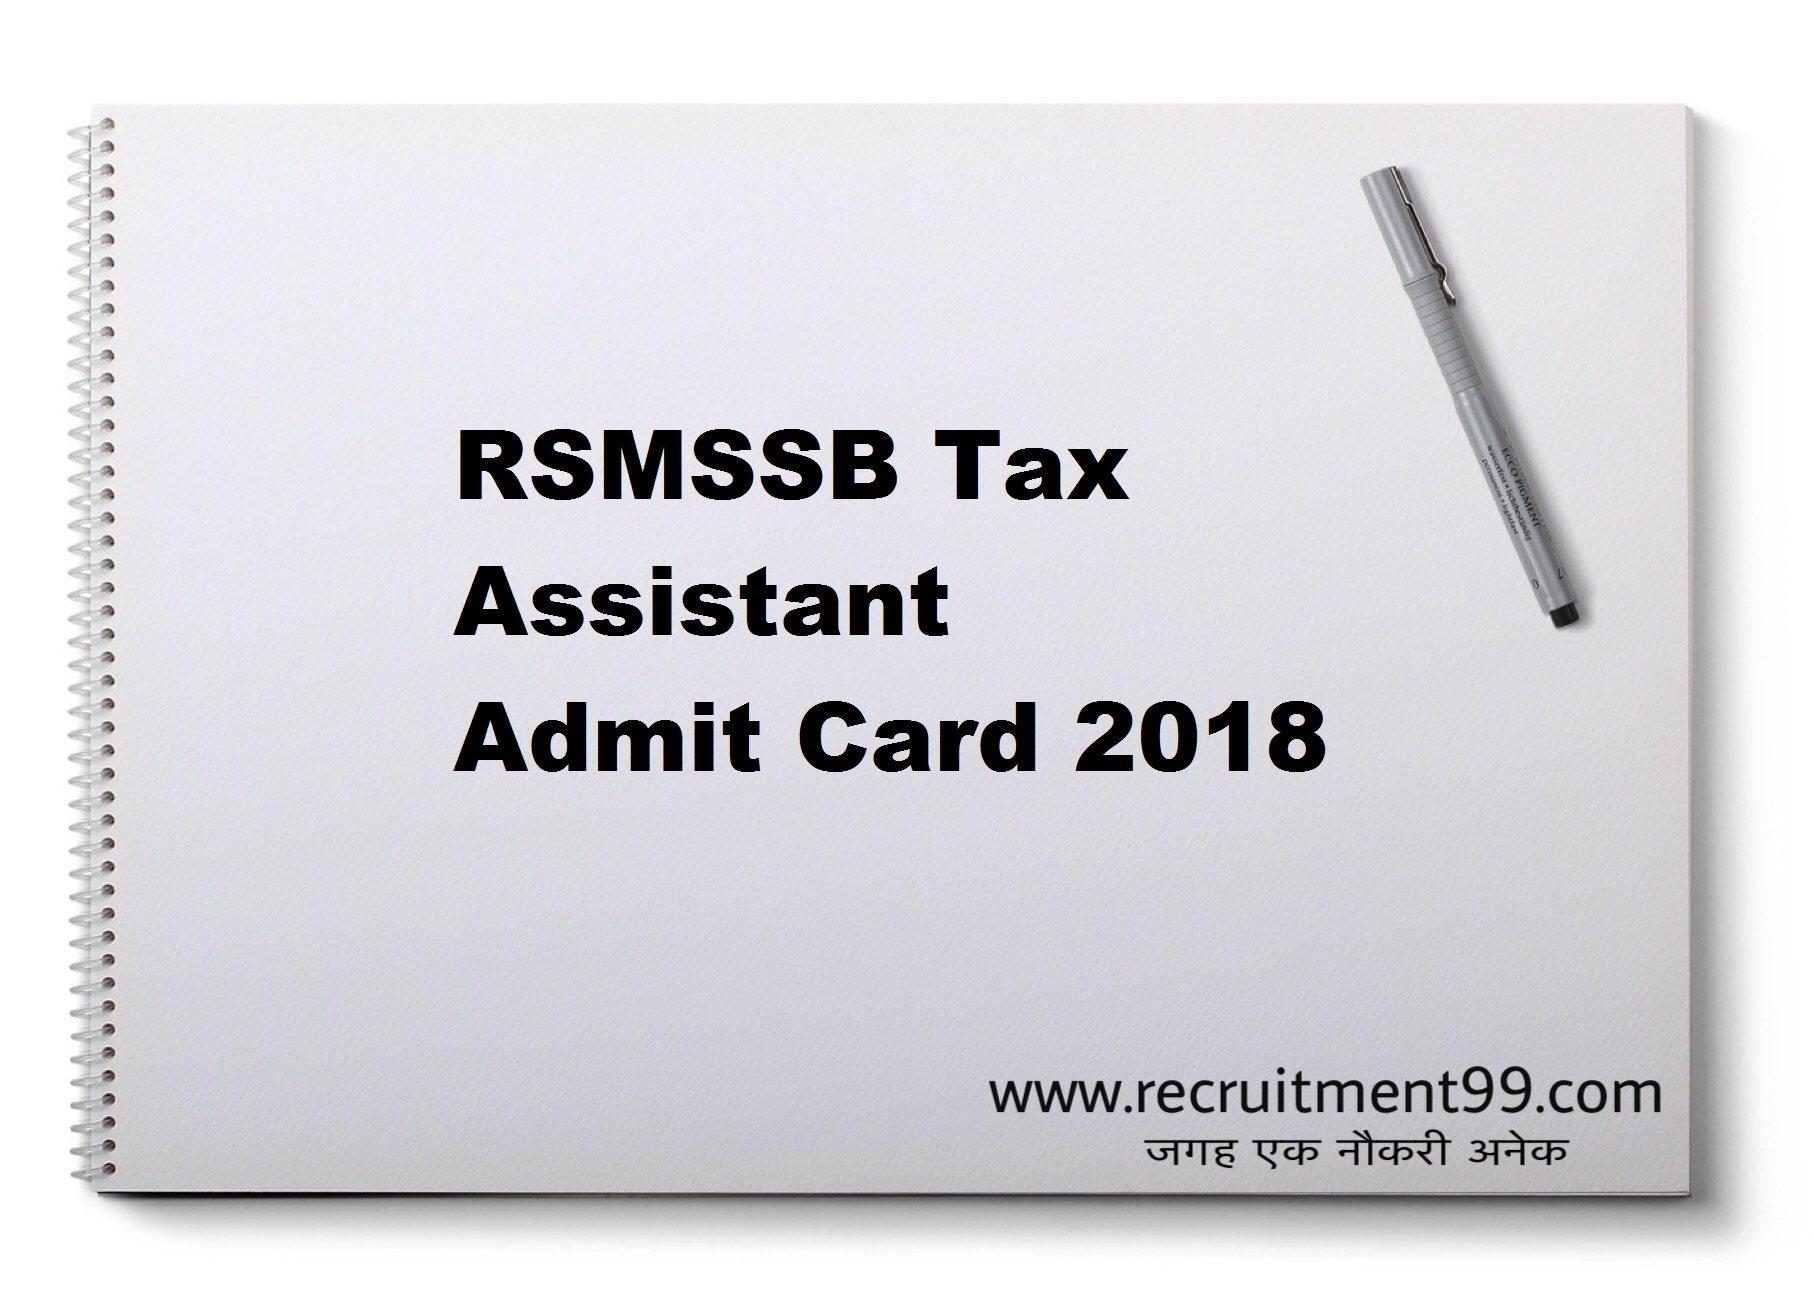 RSMSSB Tax Assistant Admit Card 2018